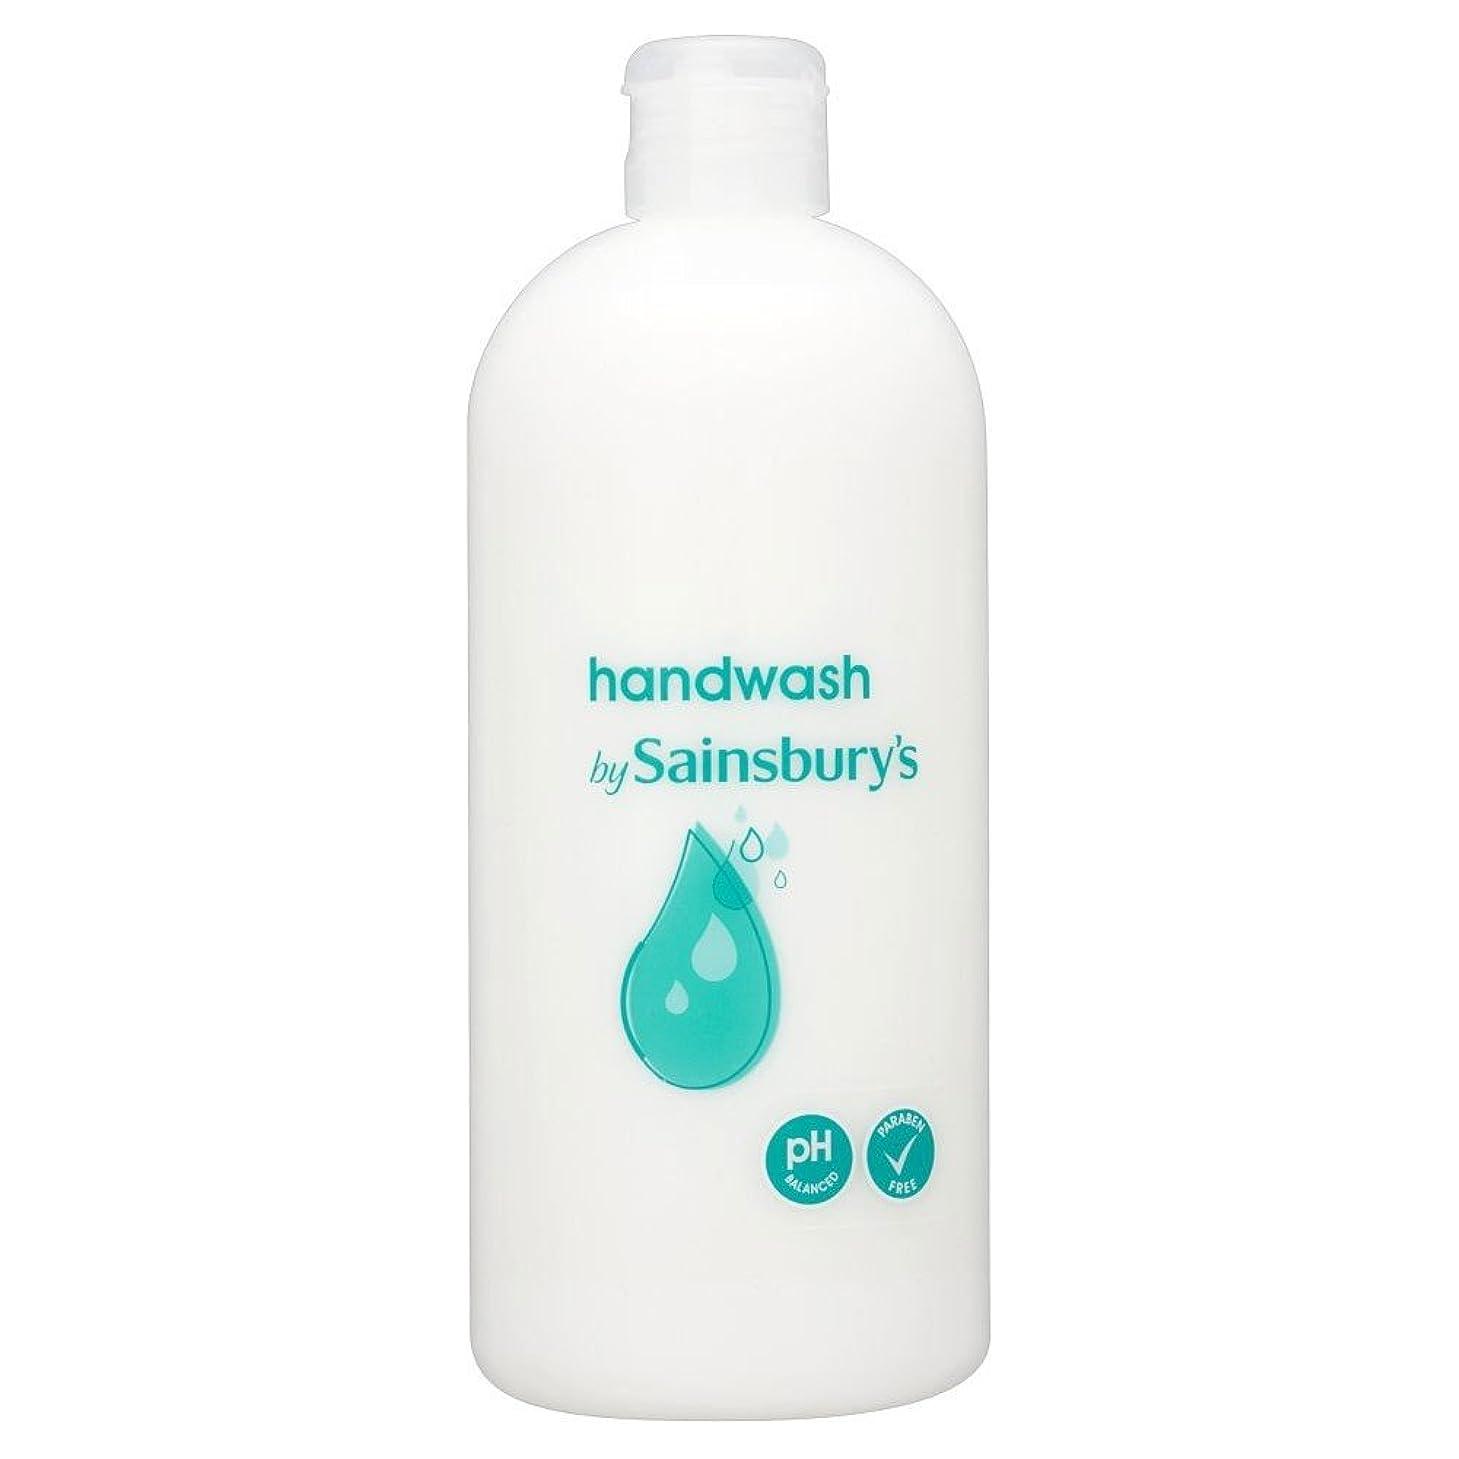 起訴するキャラクター排泄物Sainsbury's Handwash, White Refill 500ml (Pack of 6) - (Sainsbury's) 手洗い、白リフィル500ミリリットル (x6) [並行輸入品]